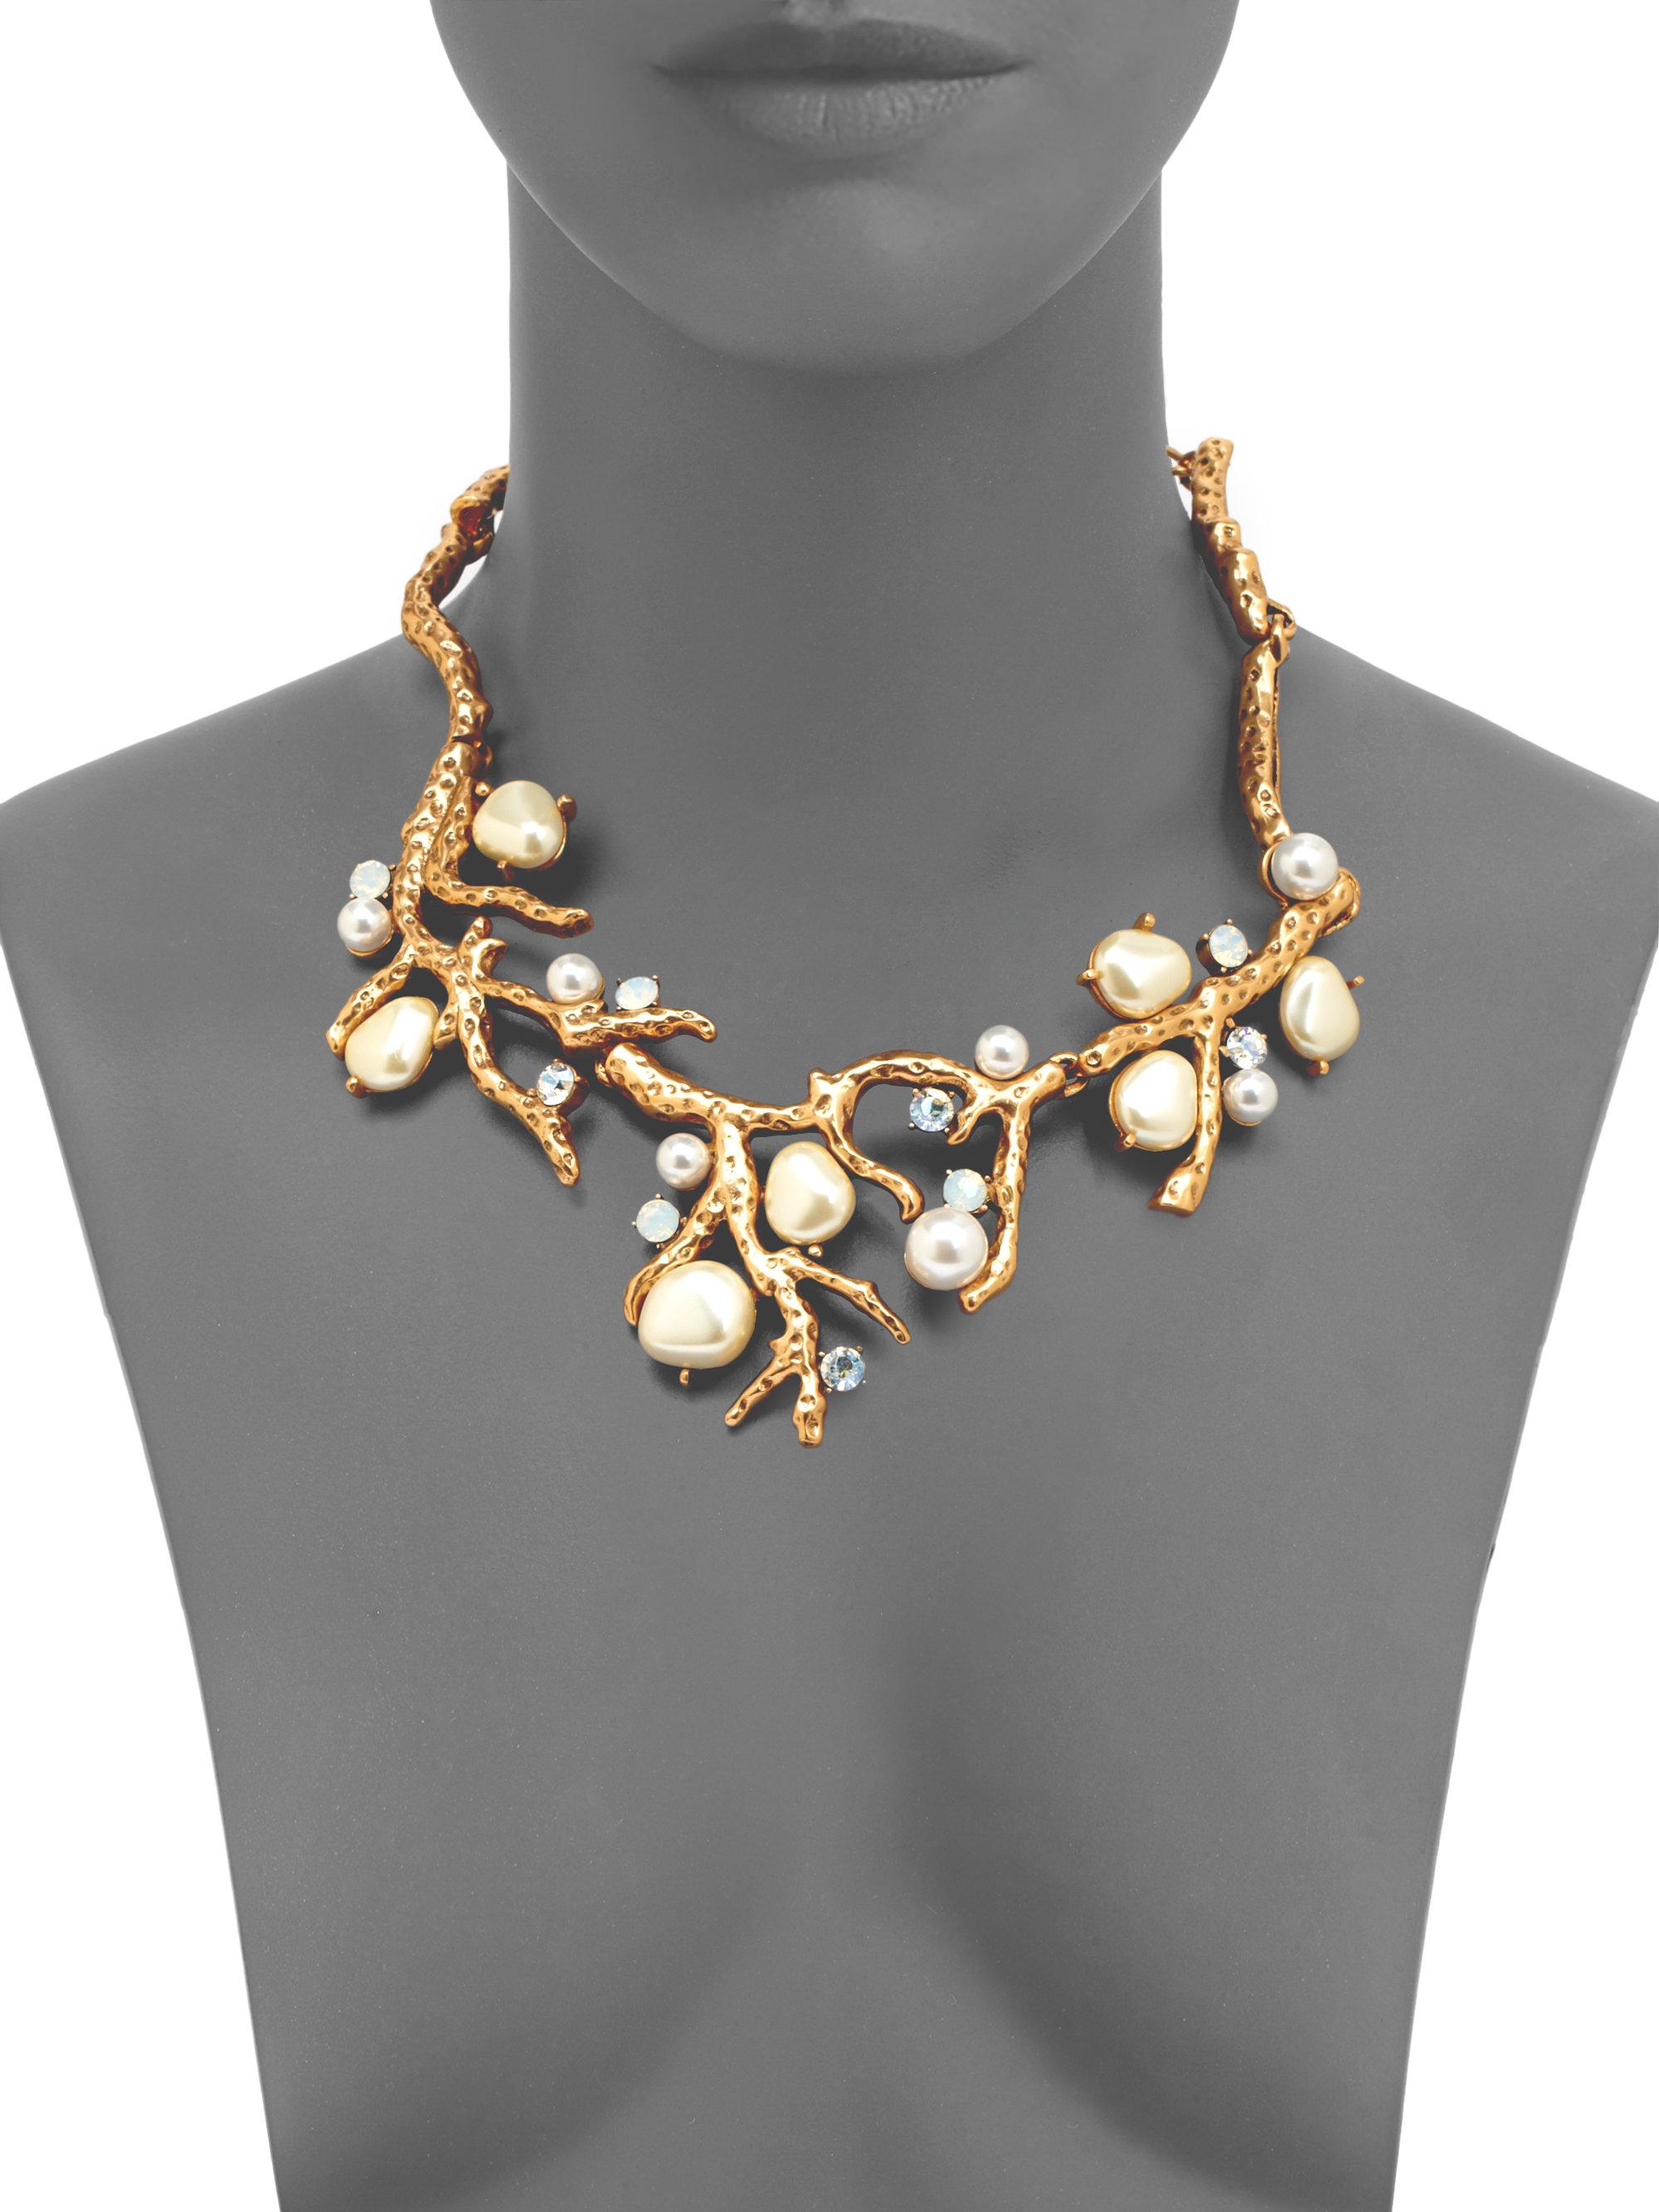 Lyst - Oscar De La Renta Swarovski Crystal Faux Pearl Coral Branch Necklace in Metallic